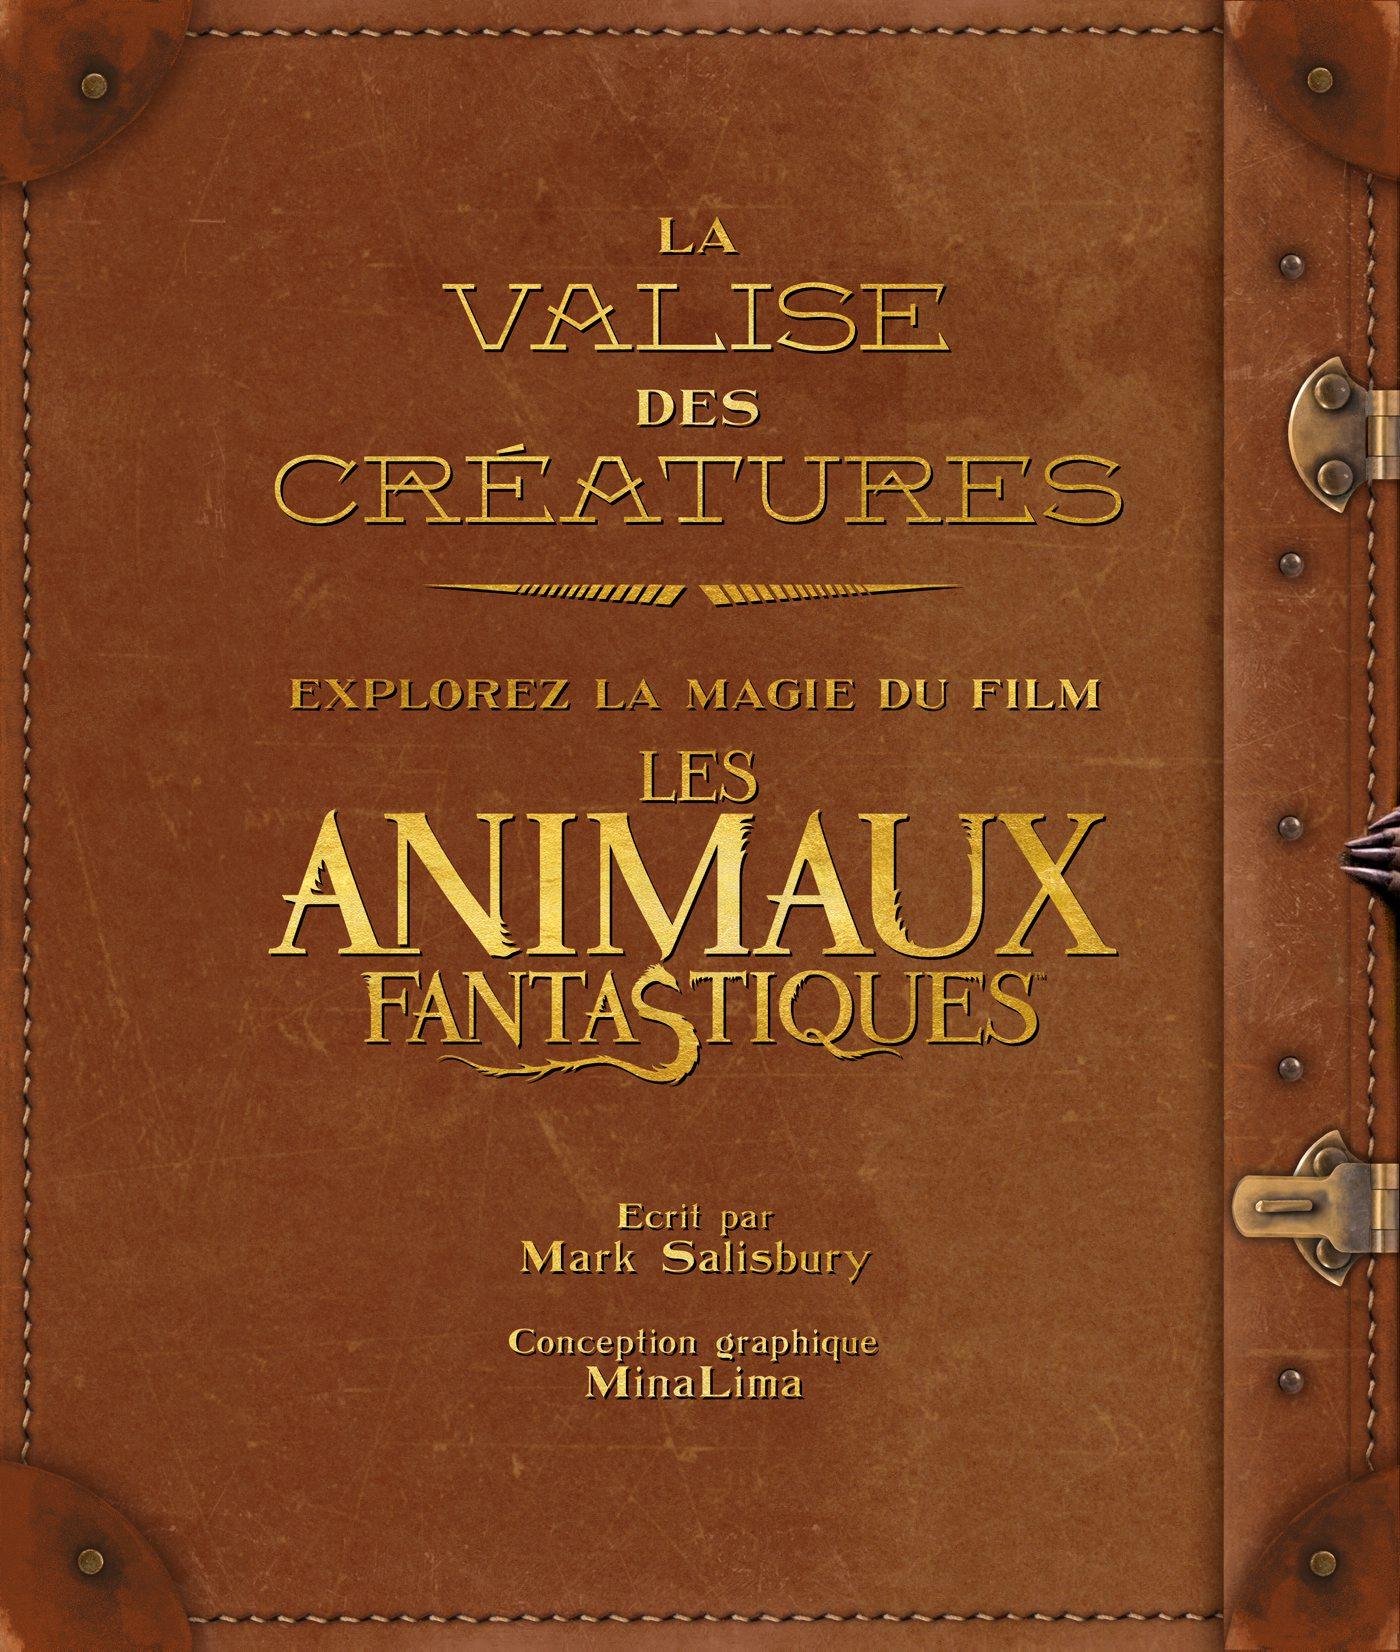 Coloriage Animaux Fantastiques Niffleur.Univers Harry Potter Com Animaux Fantastiques Les Livres